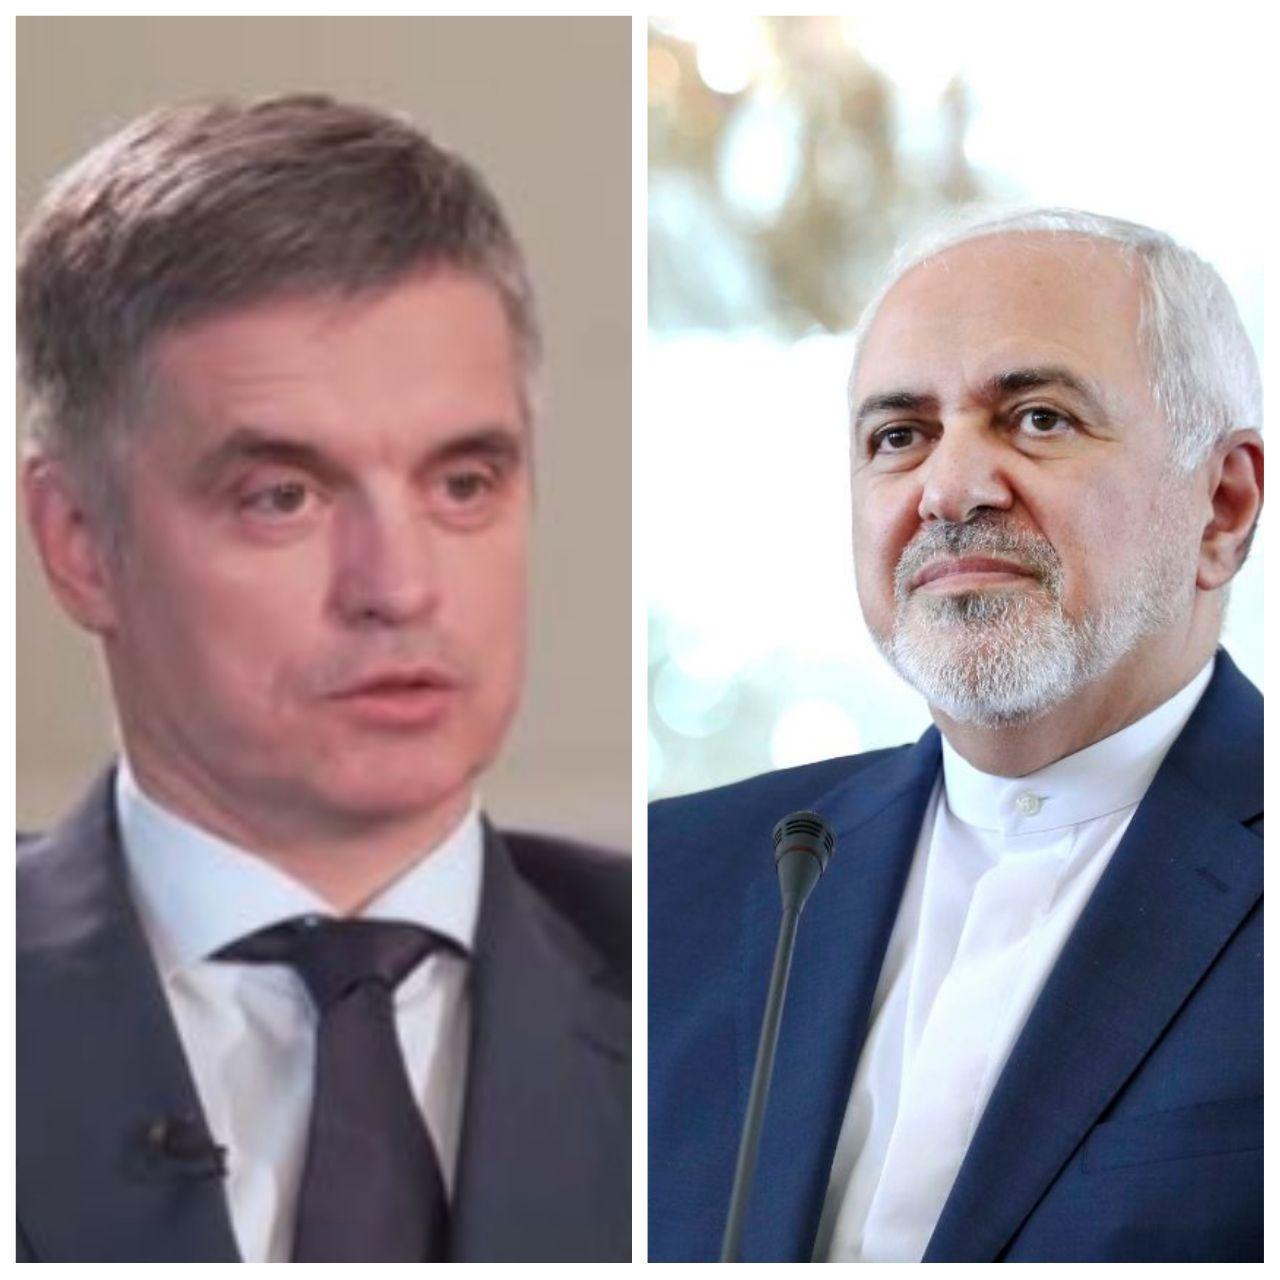 وزیر خارجه اوکراین با ظریف گفتوگو کرد / آمادگی ایران برای انتقال اجساد شهروندان اوکراینی